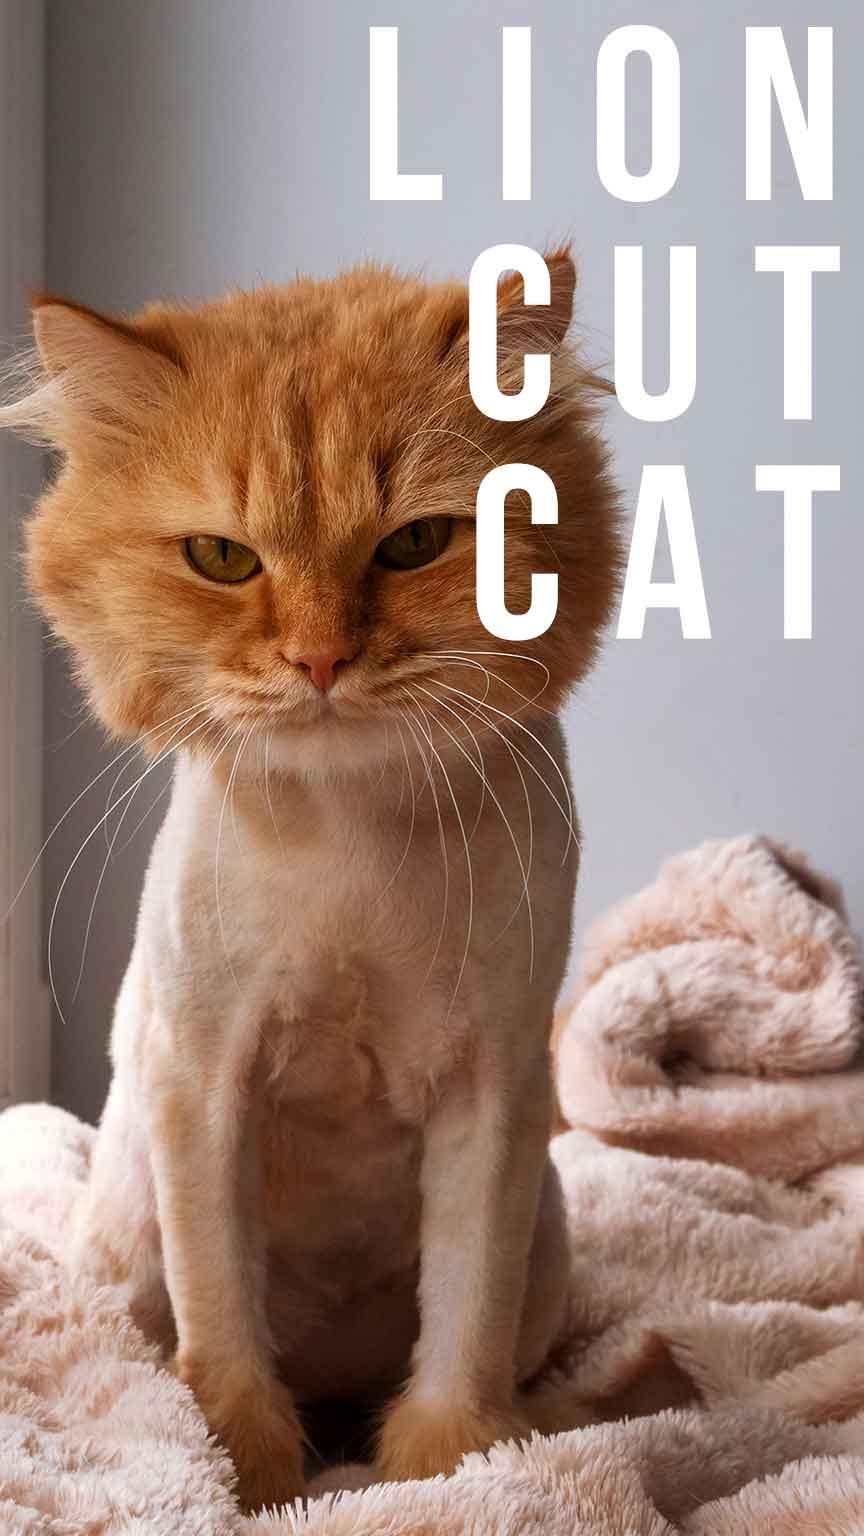 lion cut cat